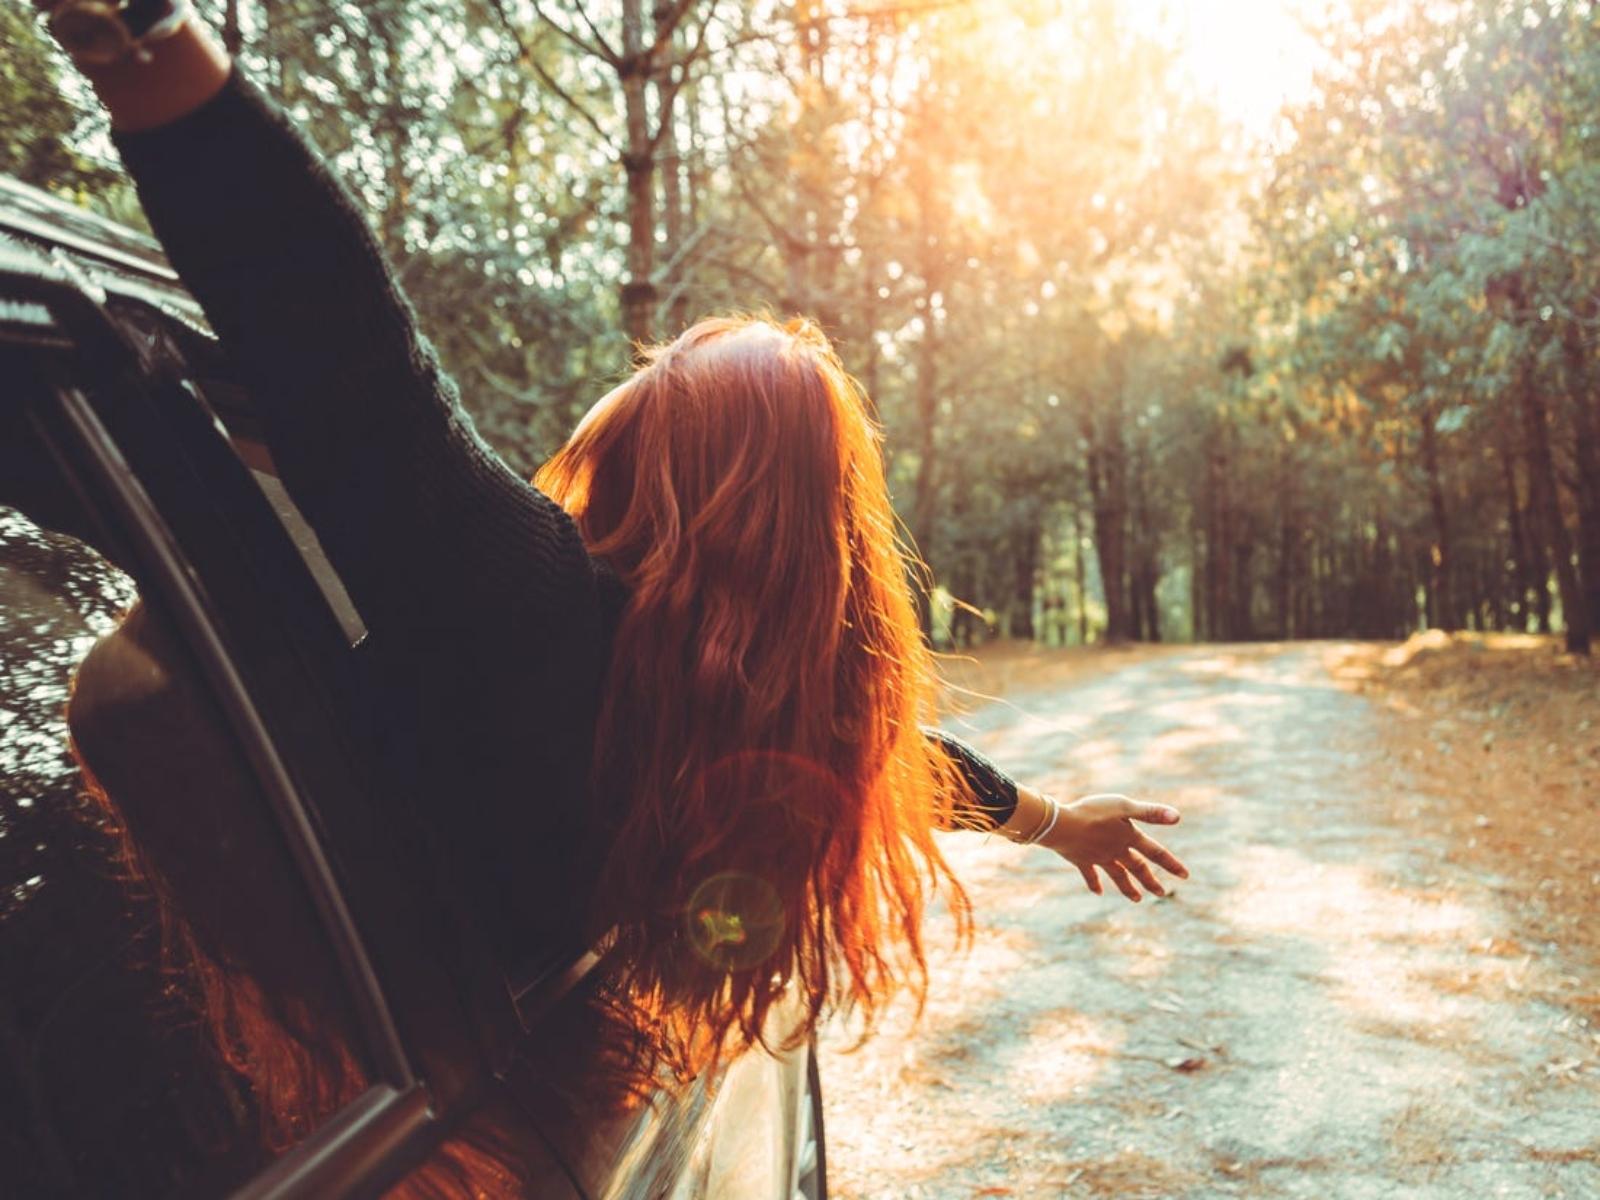 Σύντροφοι αυθορμητισμός: Πώς να παραμείνεις ο εαυτός σου σε μία σχέση